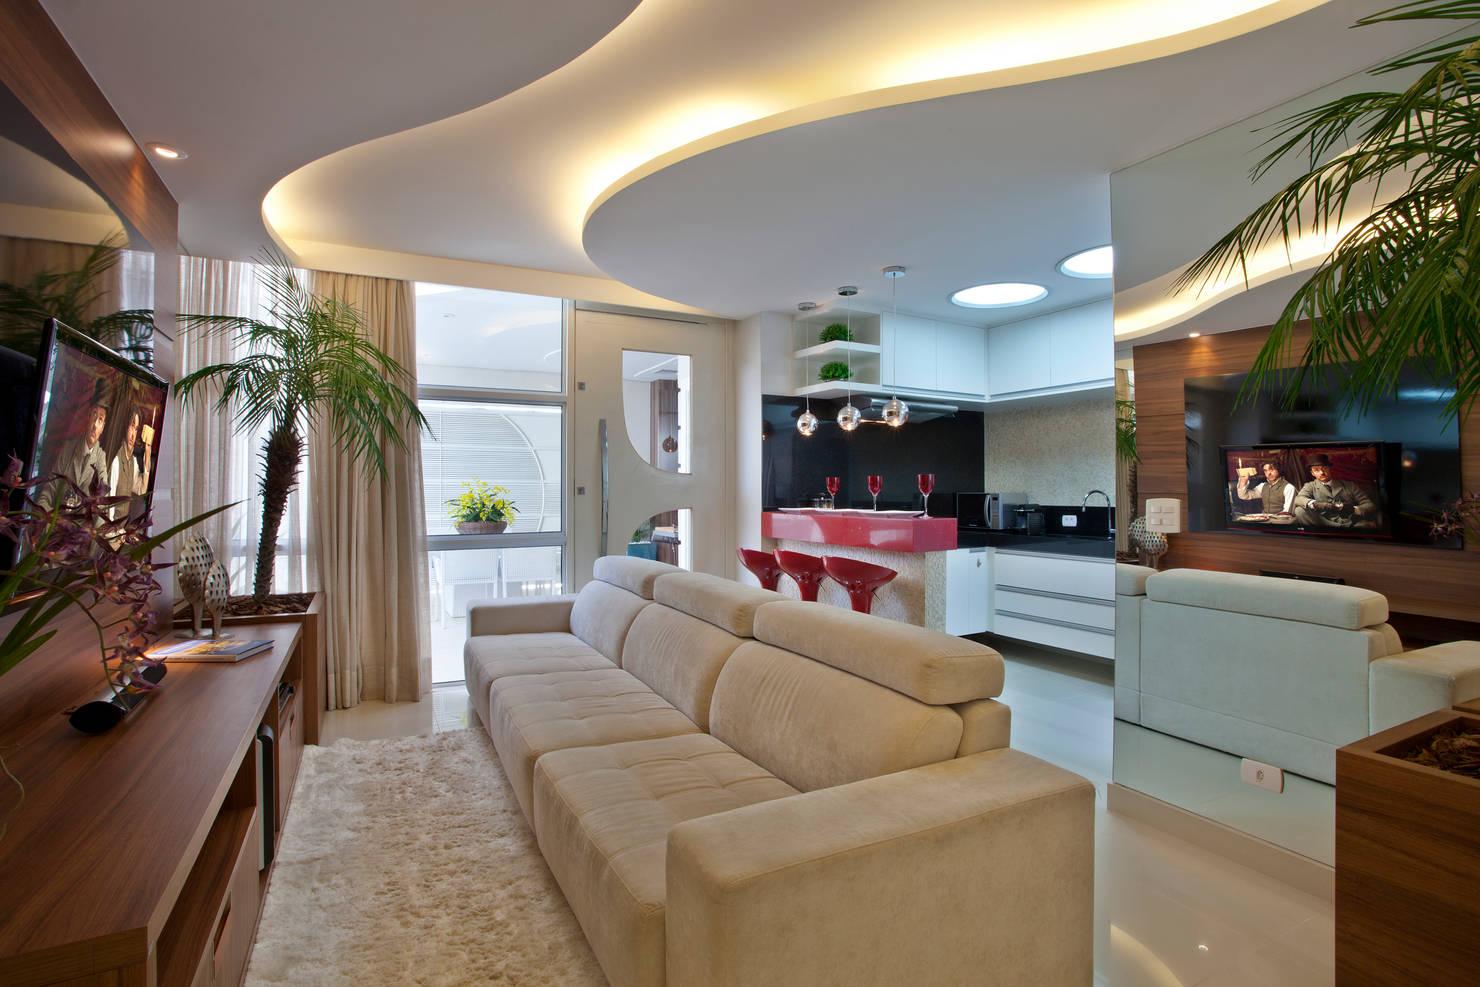 9 Accorgimenti per Rendere la Casa Elegante (Senza Spendere Troppo)